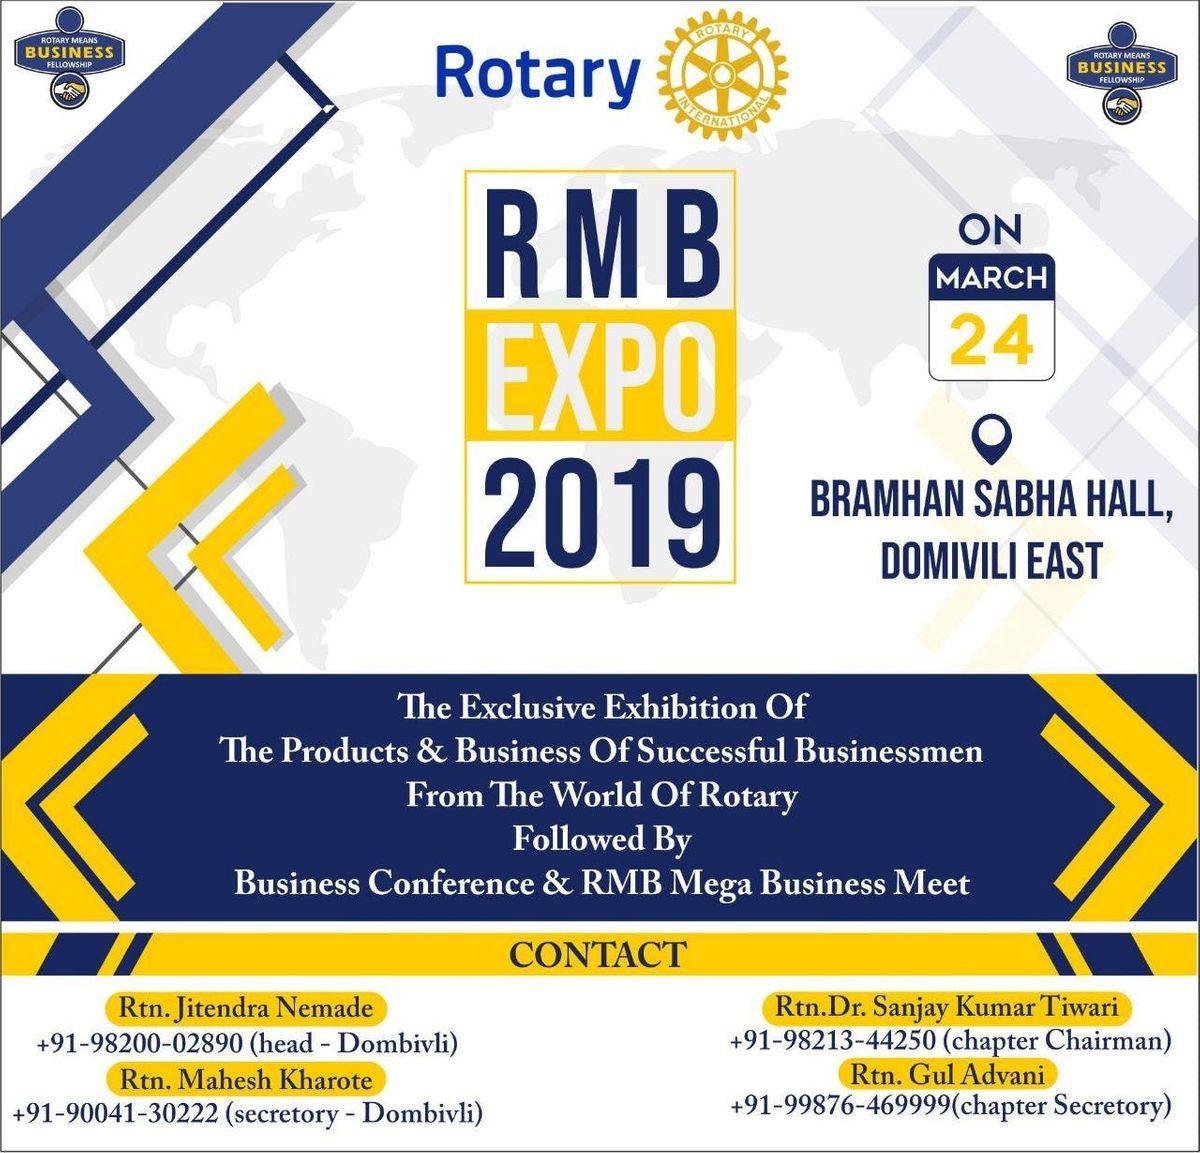 RMB EXPO 2019